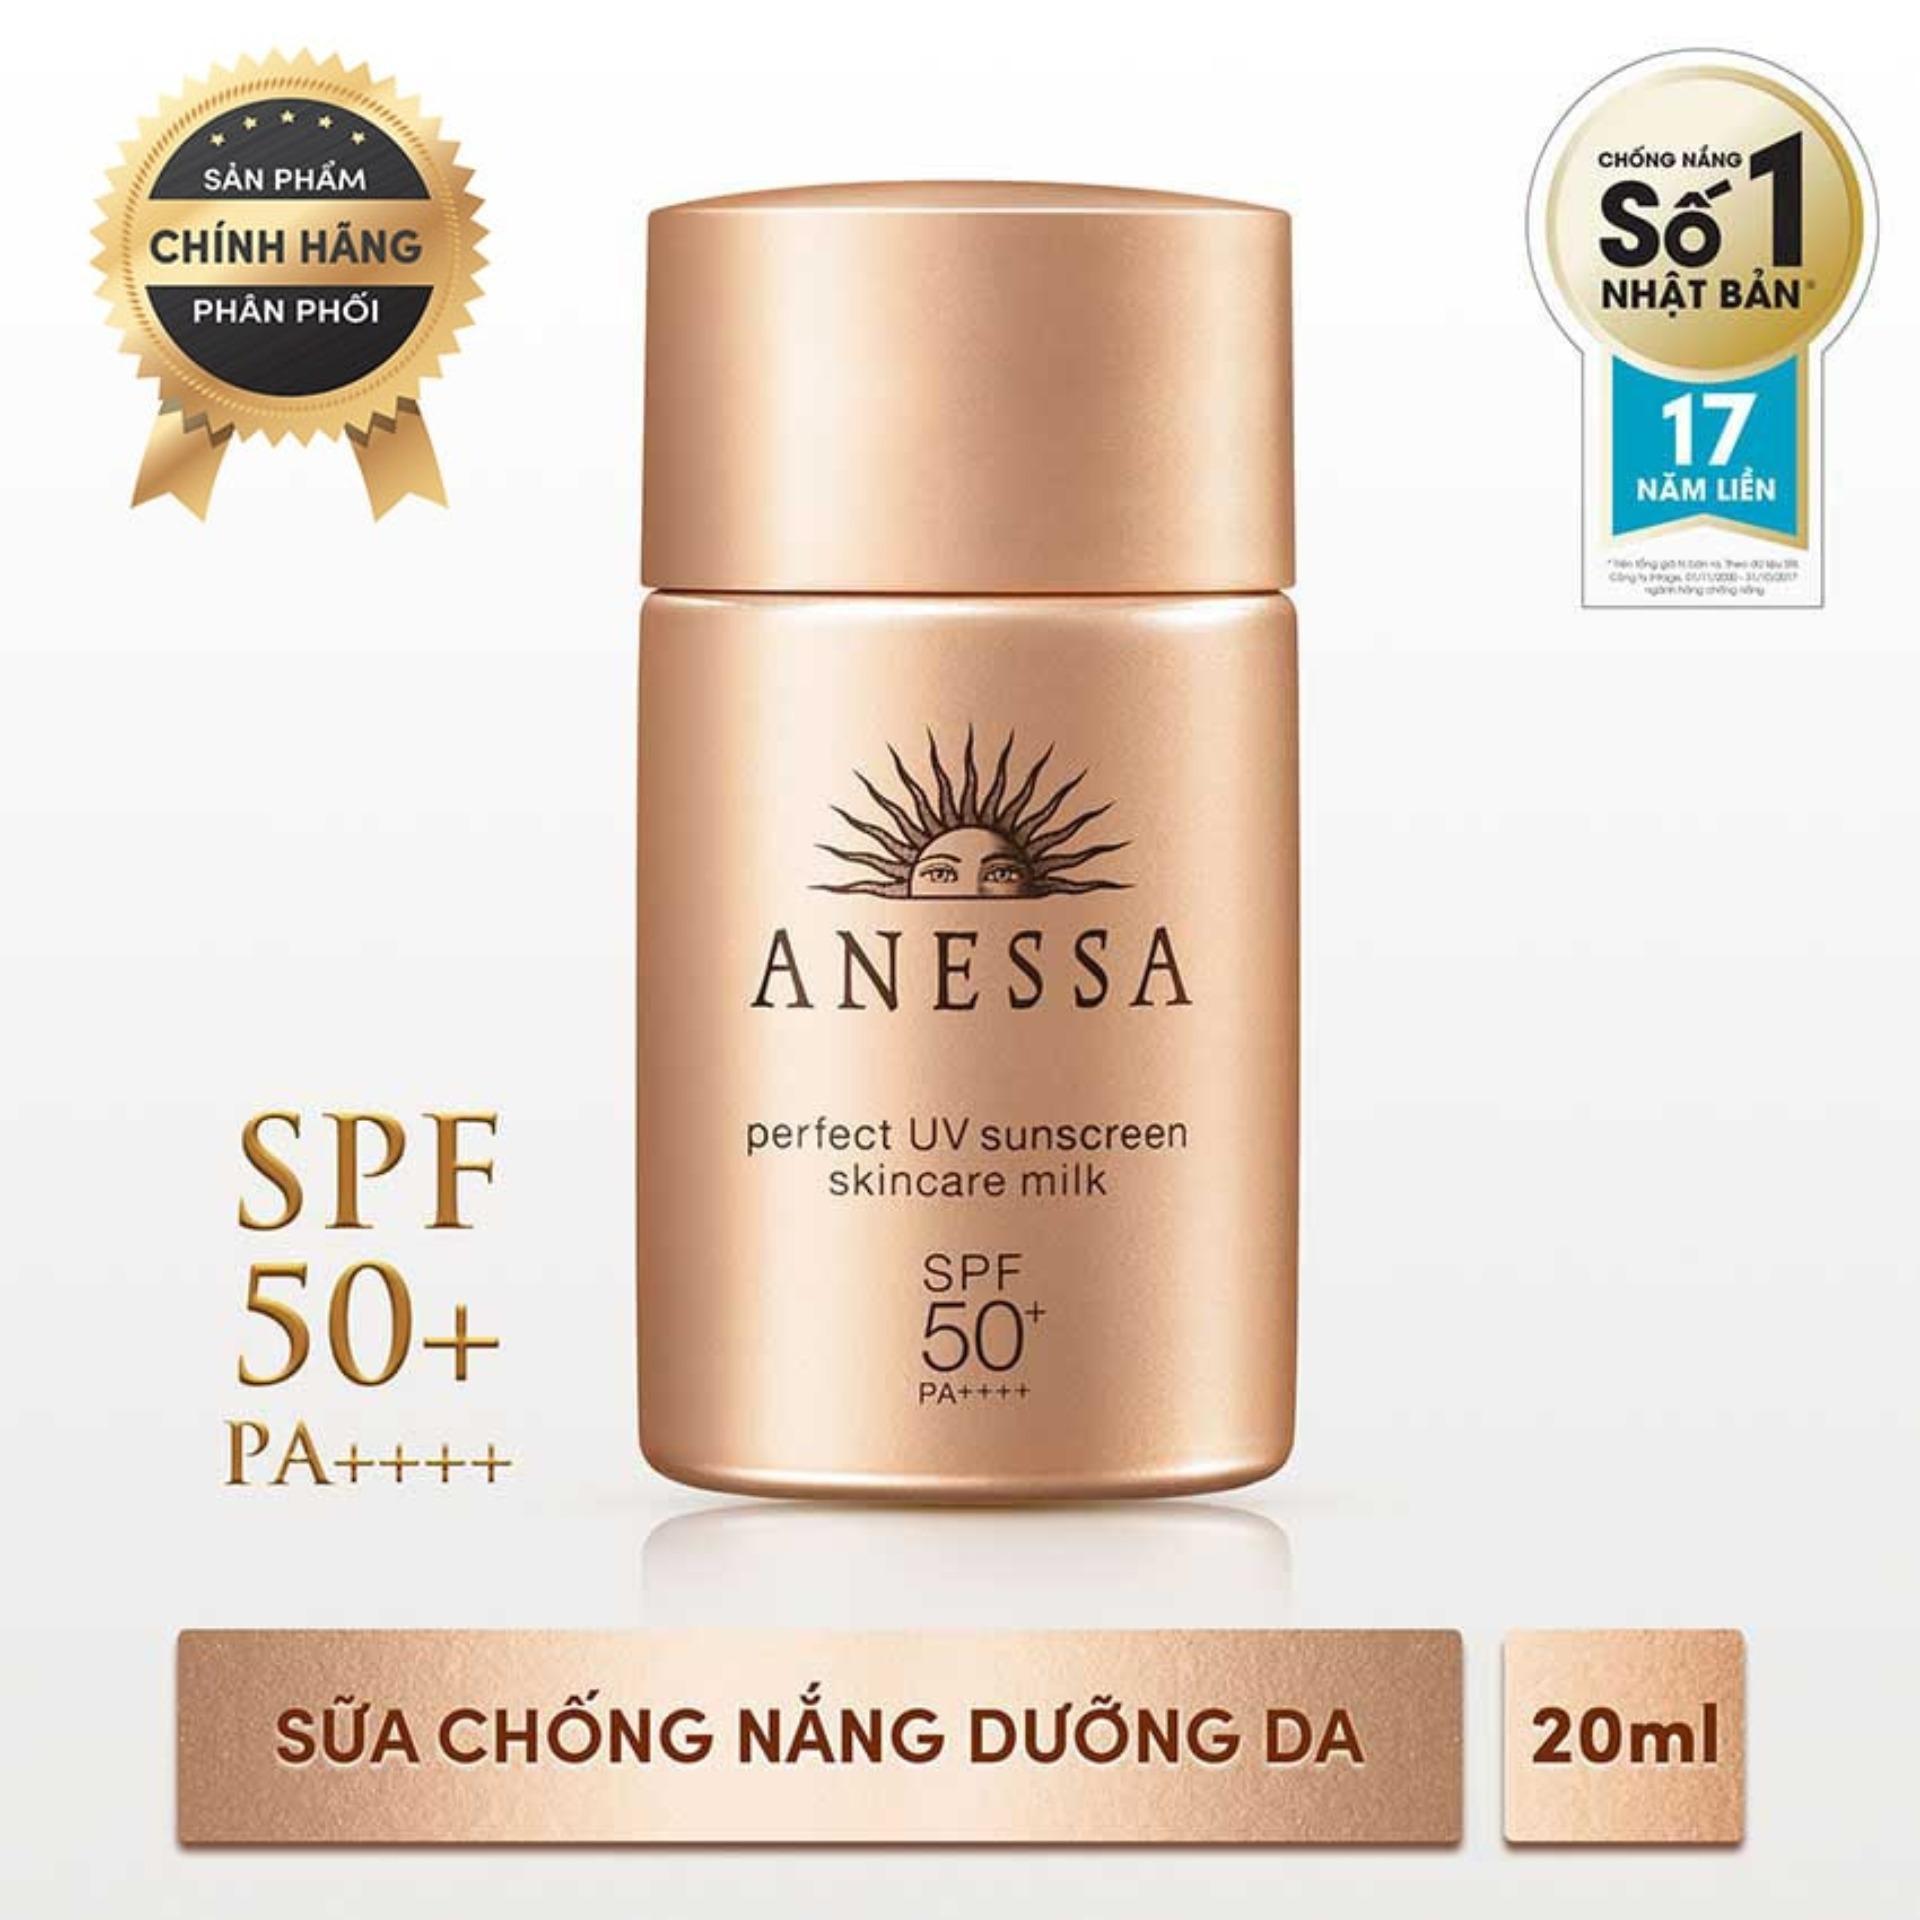 Hình ảnh Sữa chống nắng bảo vệ hoàn hảo Anessa Perfect UV Sunscreen Skincare Milk - SPF 50+, PA++++ - 20ml